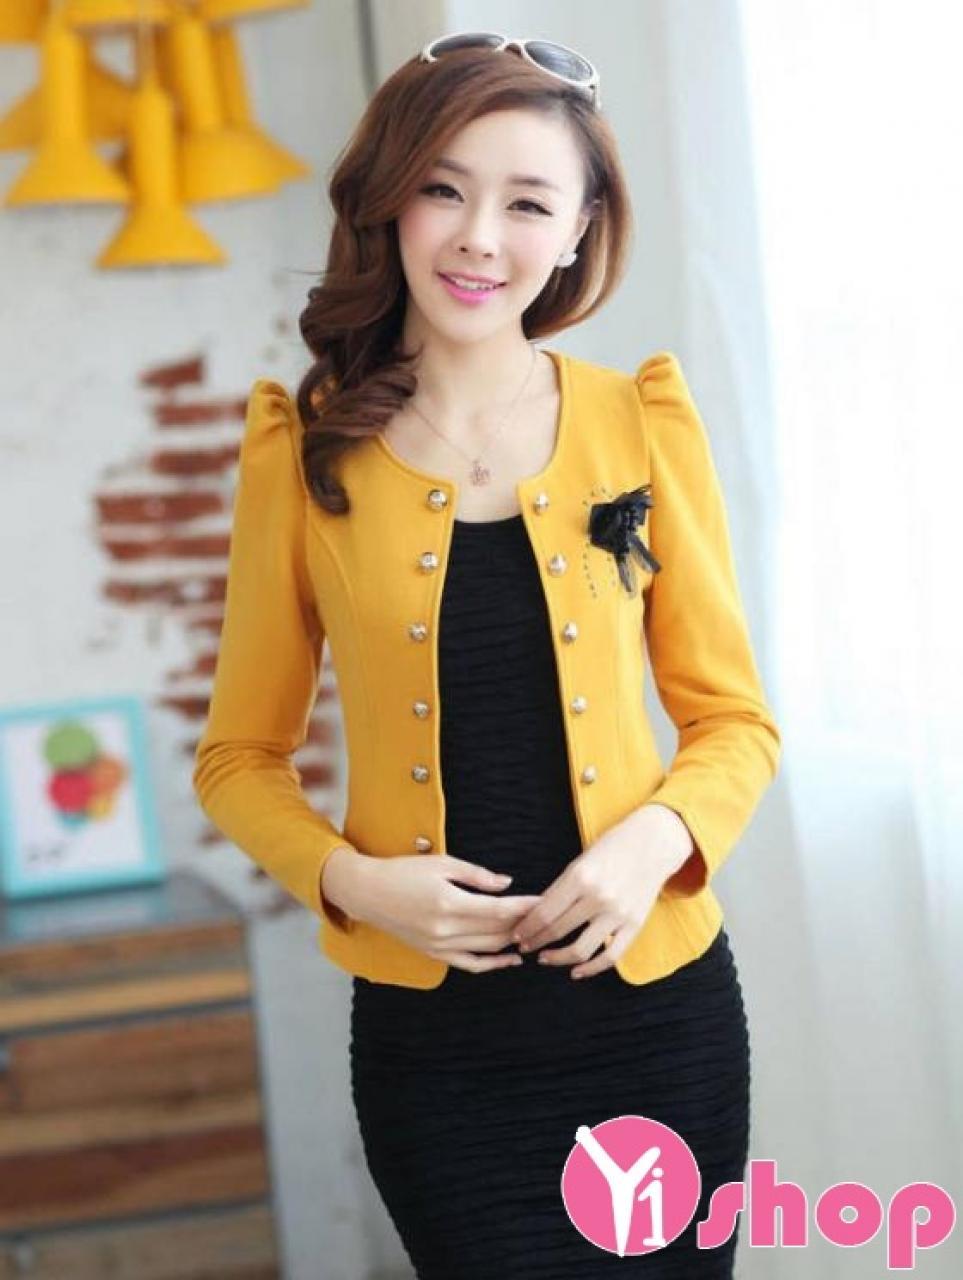 Áo khoác vest nữ kiểu Hàn Quốc đẹp thanh lịch ngày mùa thu đông 2019